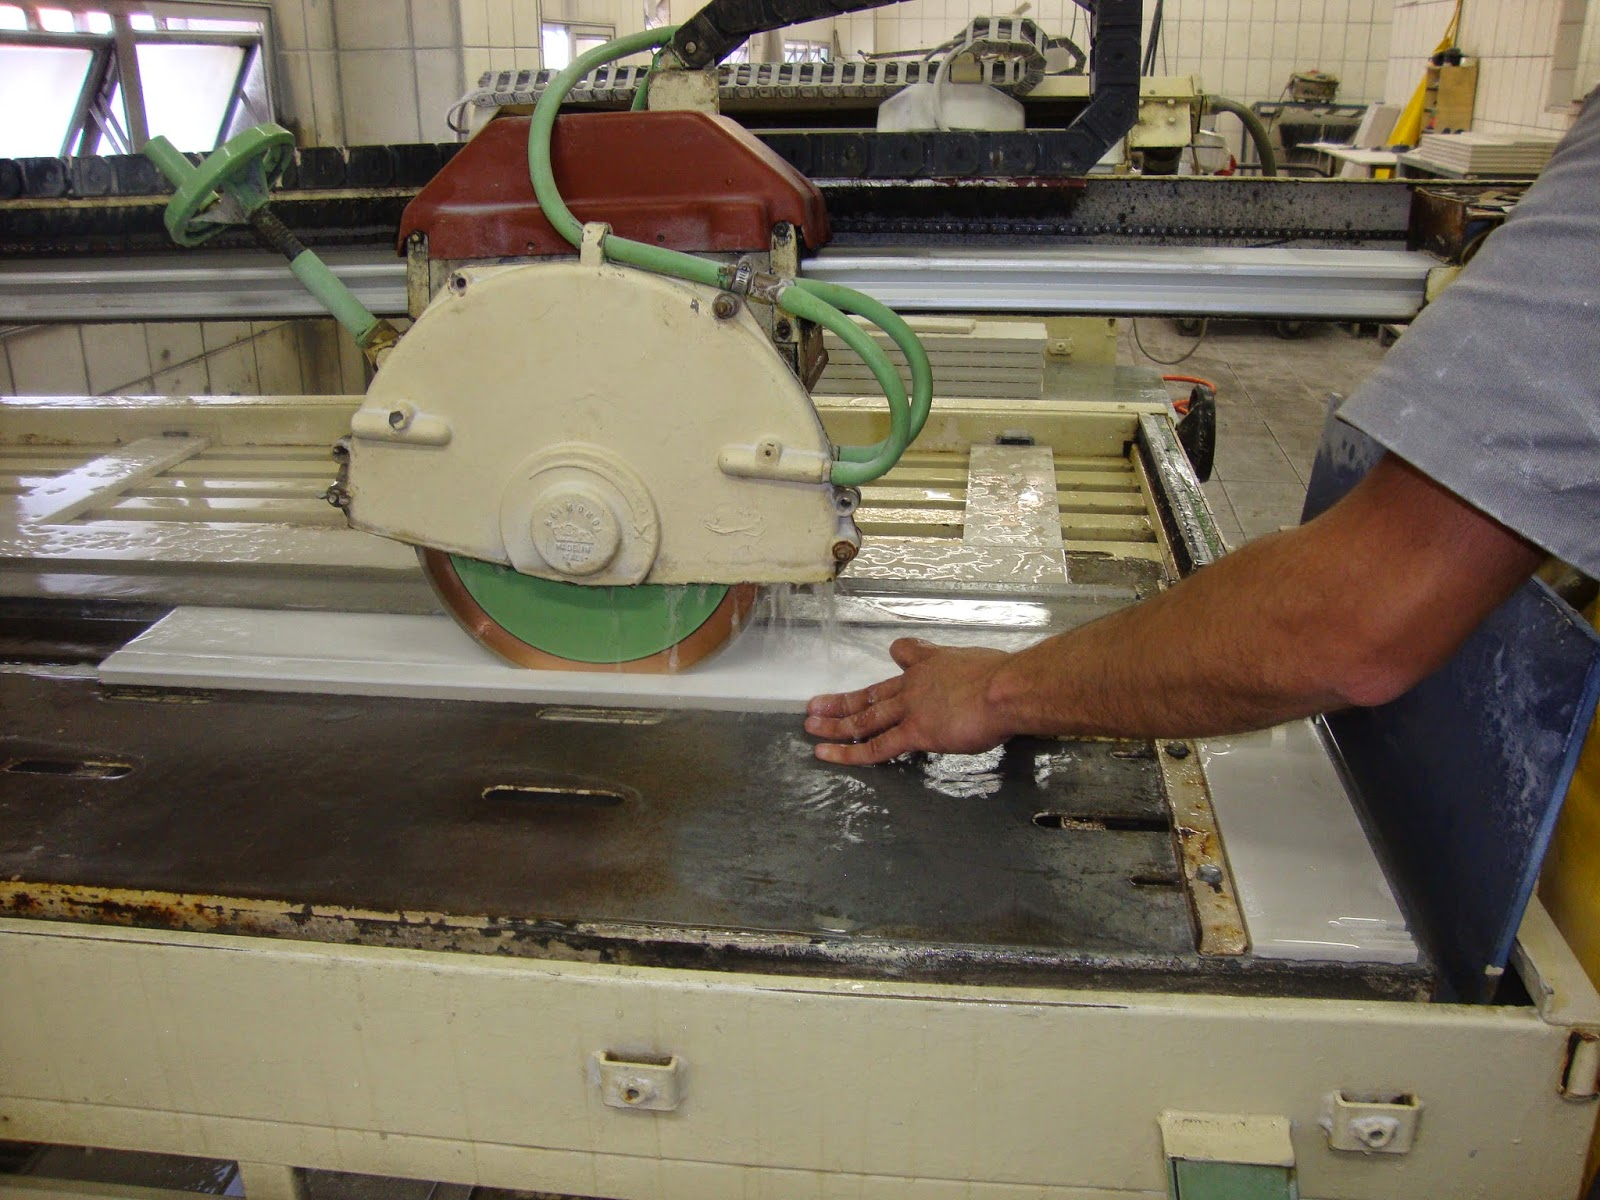 espanhol para o corte de porcelanato para montagem da bancada #673E2A 1600x1200